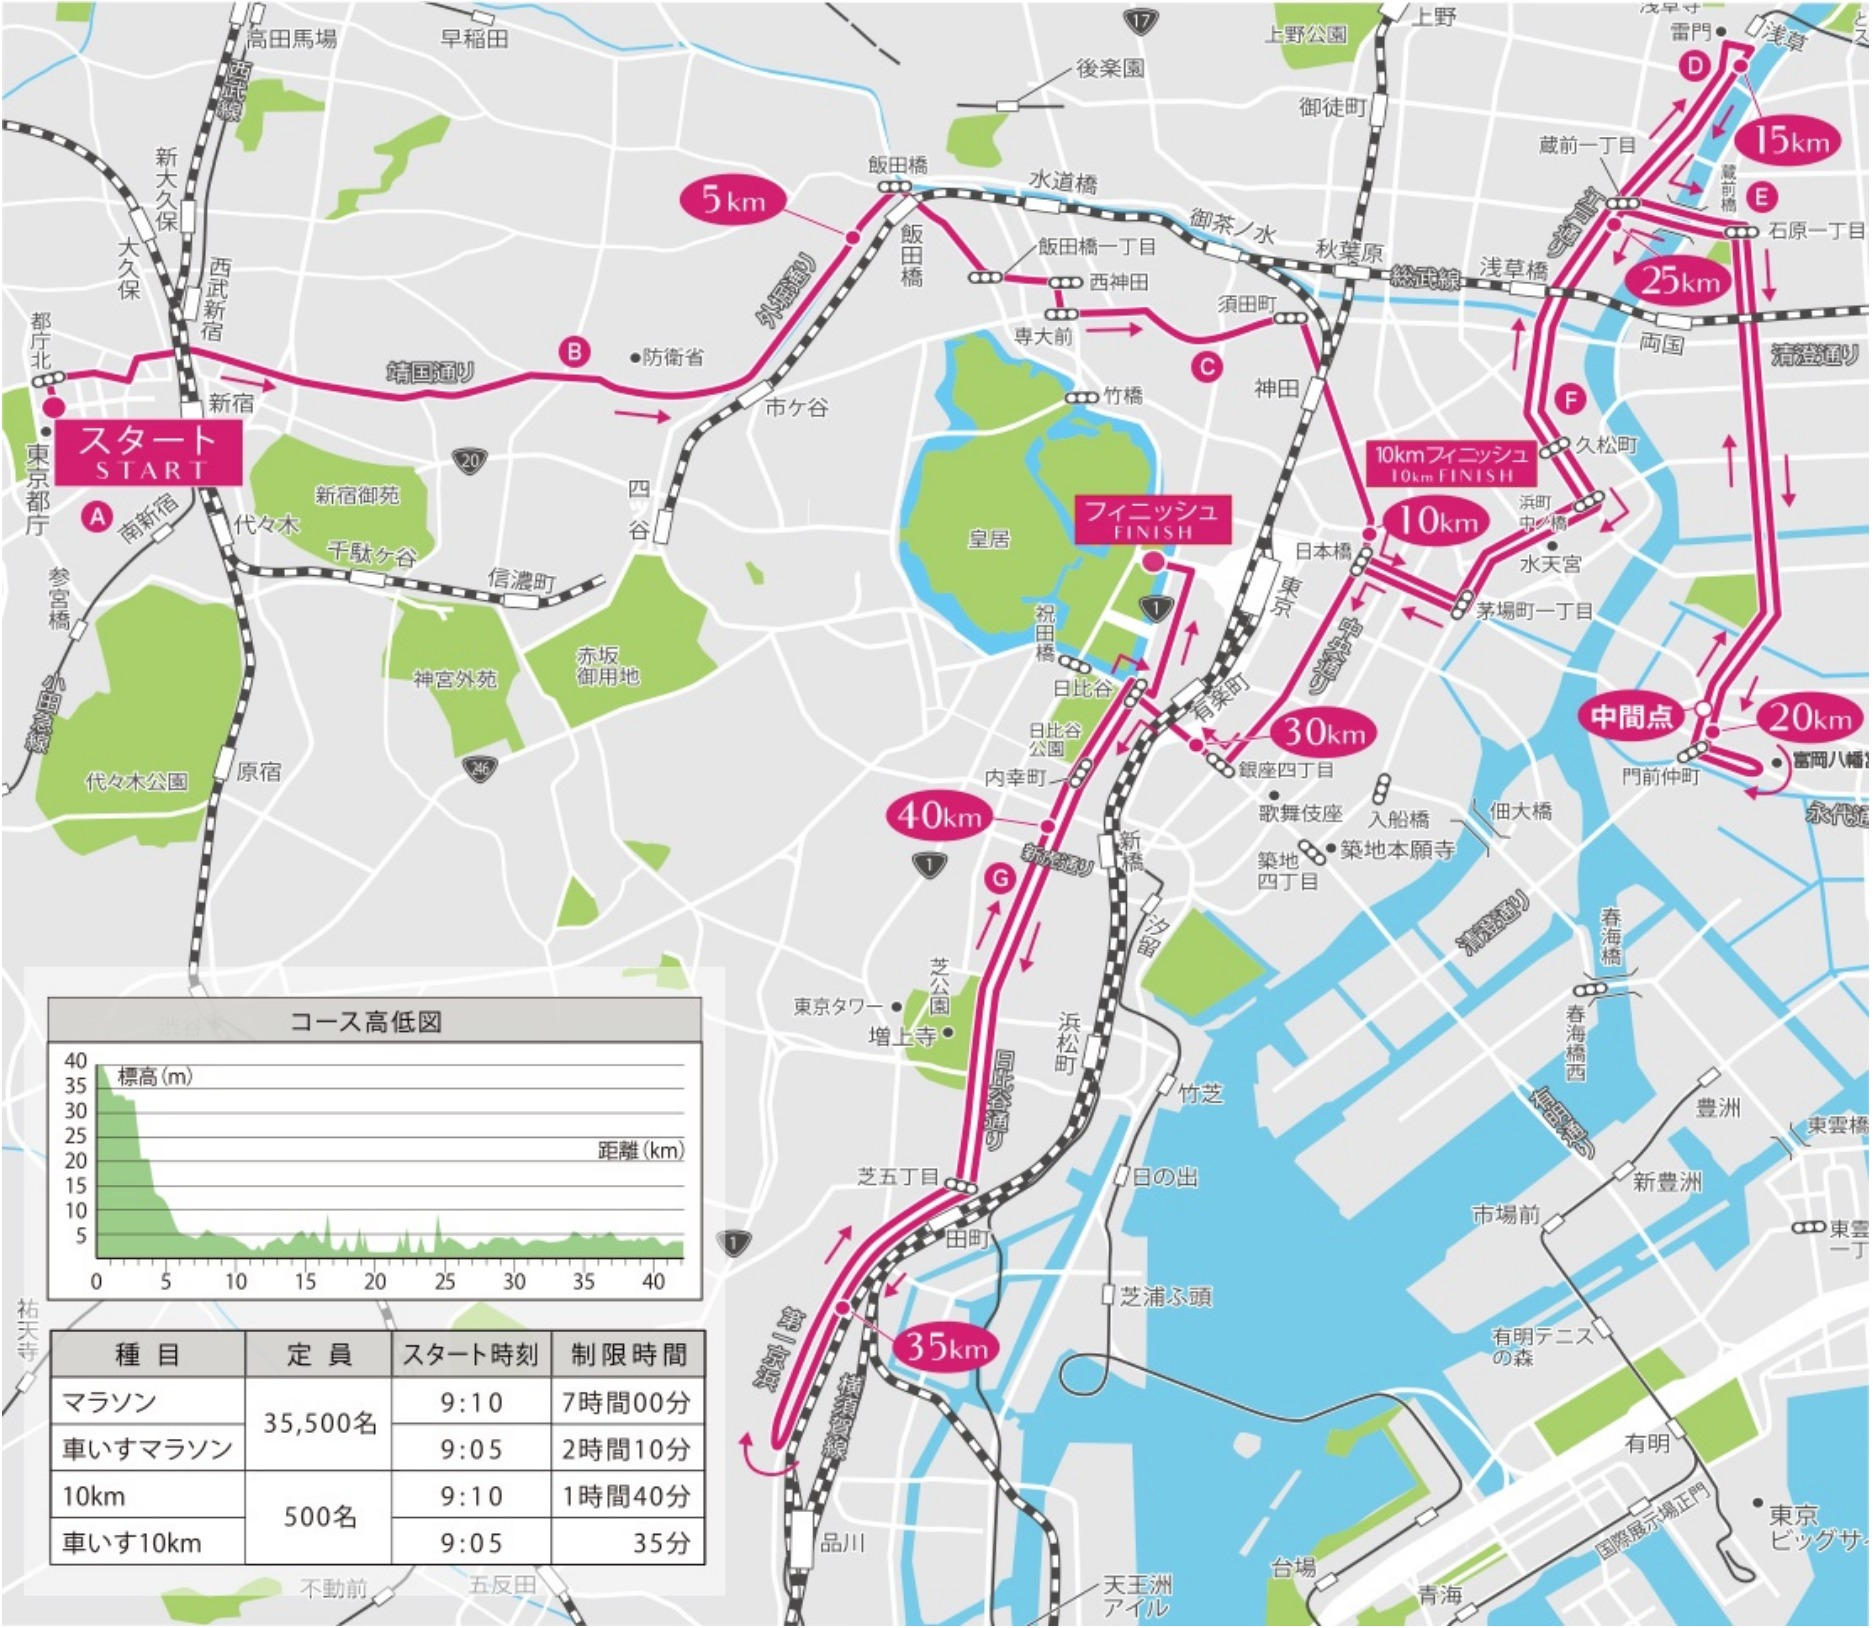 東京マラソン2020コースマップ(東京マラソン2017からの新コース)